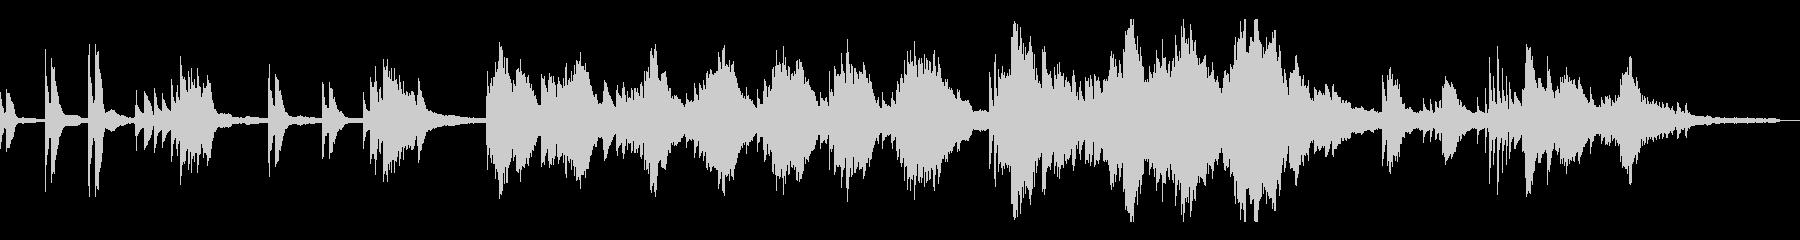 和風のミステリアスな雰囲気9-ピアノソロの未再生の波形